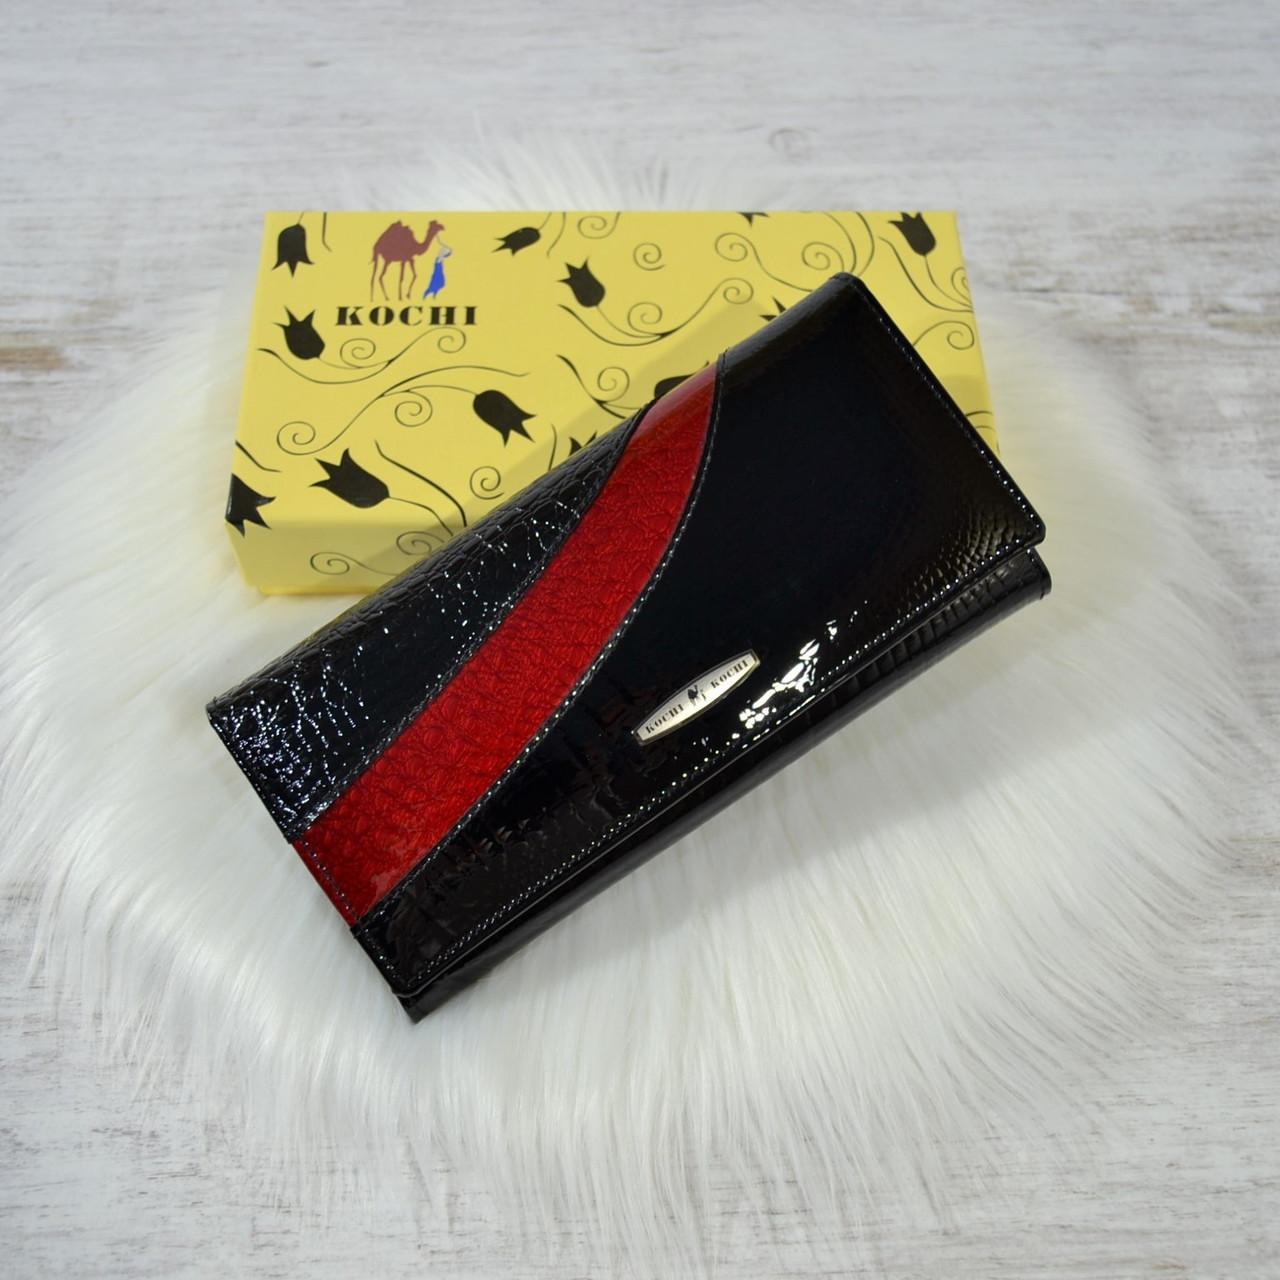 Кошелек Kochi из натуральной кожи под лаком черно-красный женский